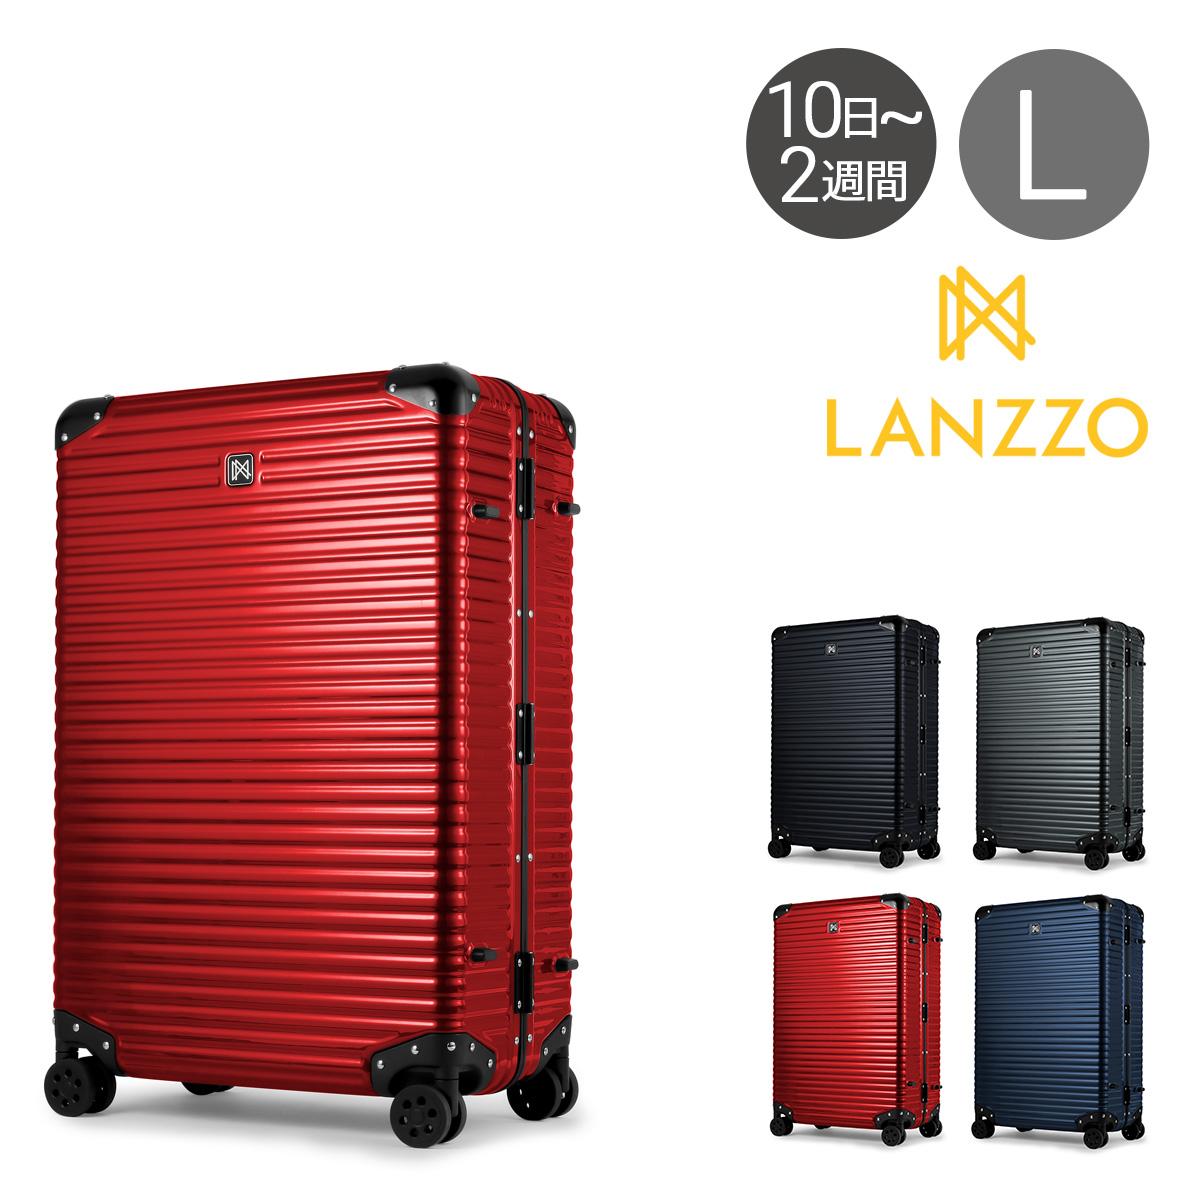 ランツォ スーツケース ノーマンライト 29インチ|87L 70cm 5.8kg|軽量 5年保証 ハード フレーム TSAロック搭載 キャリーケース LANZZO[bef]